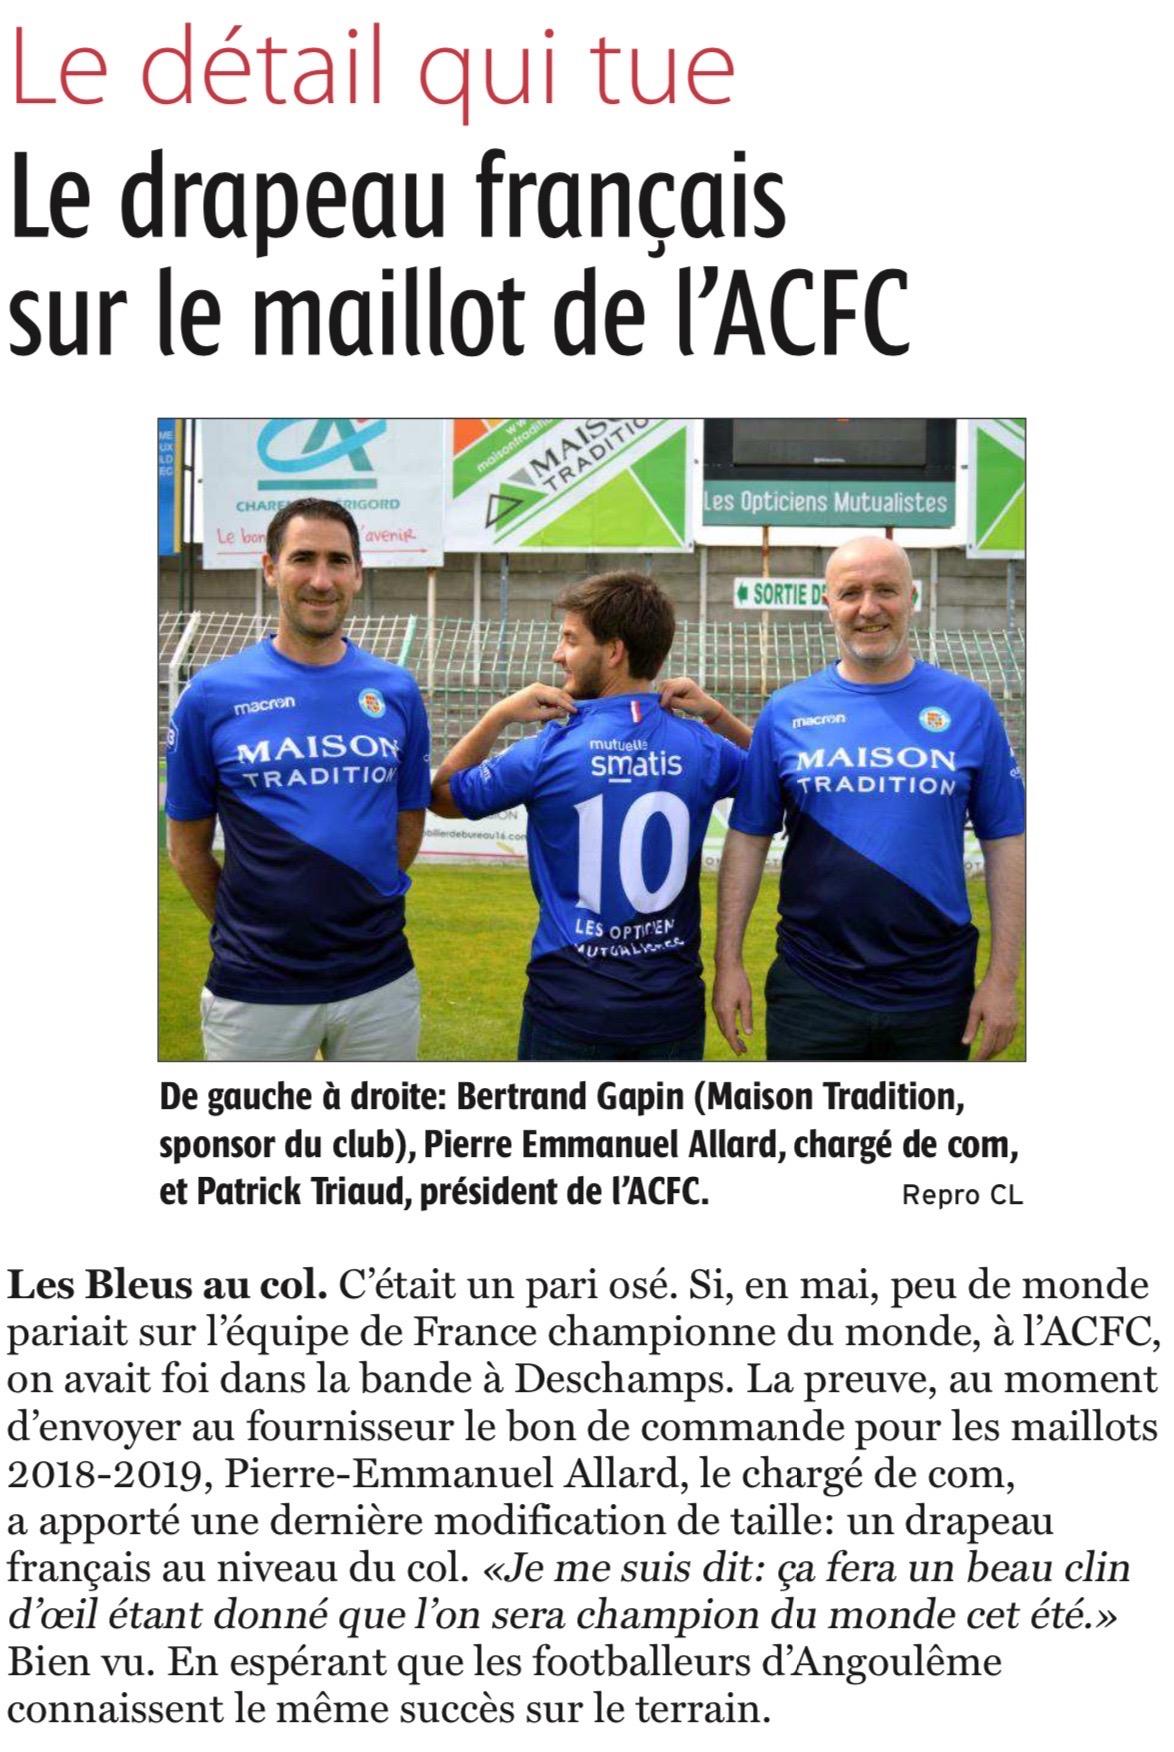 Le drapeau français sur le maillot de l'ACFC